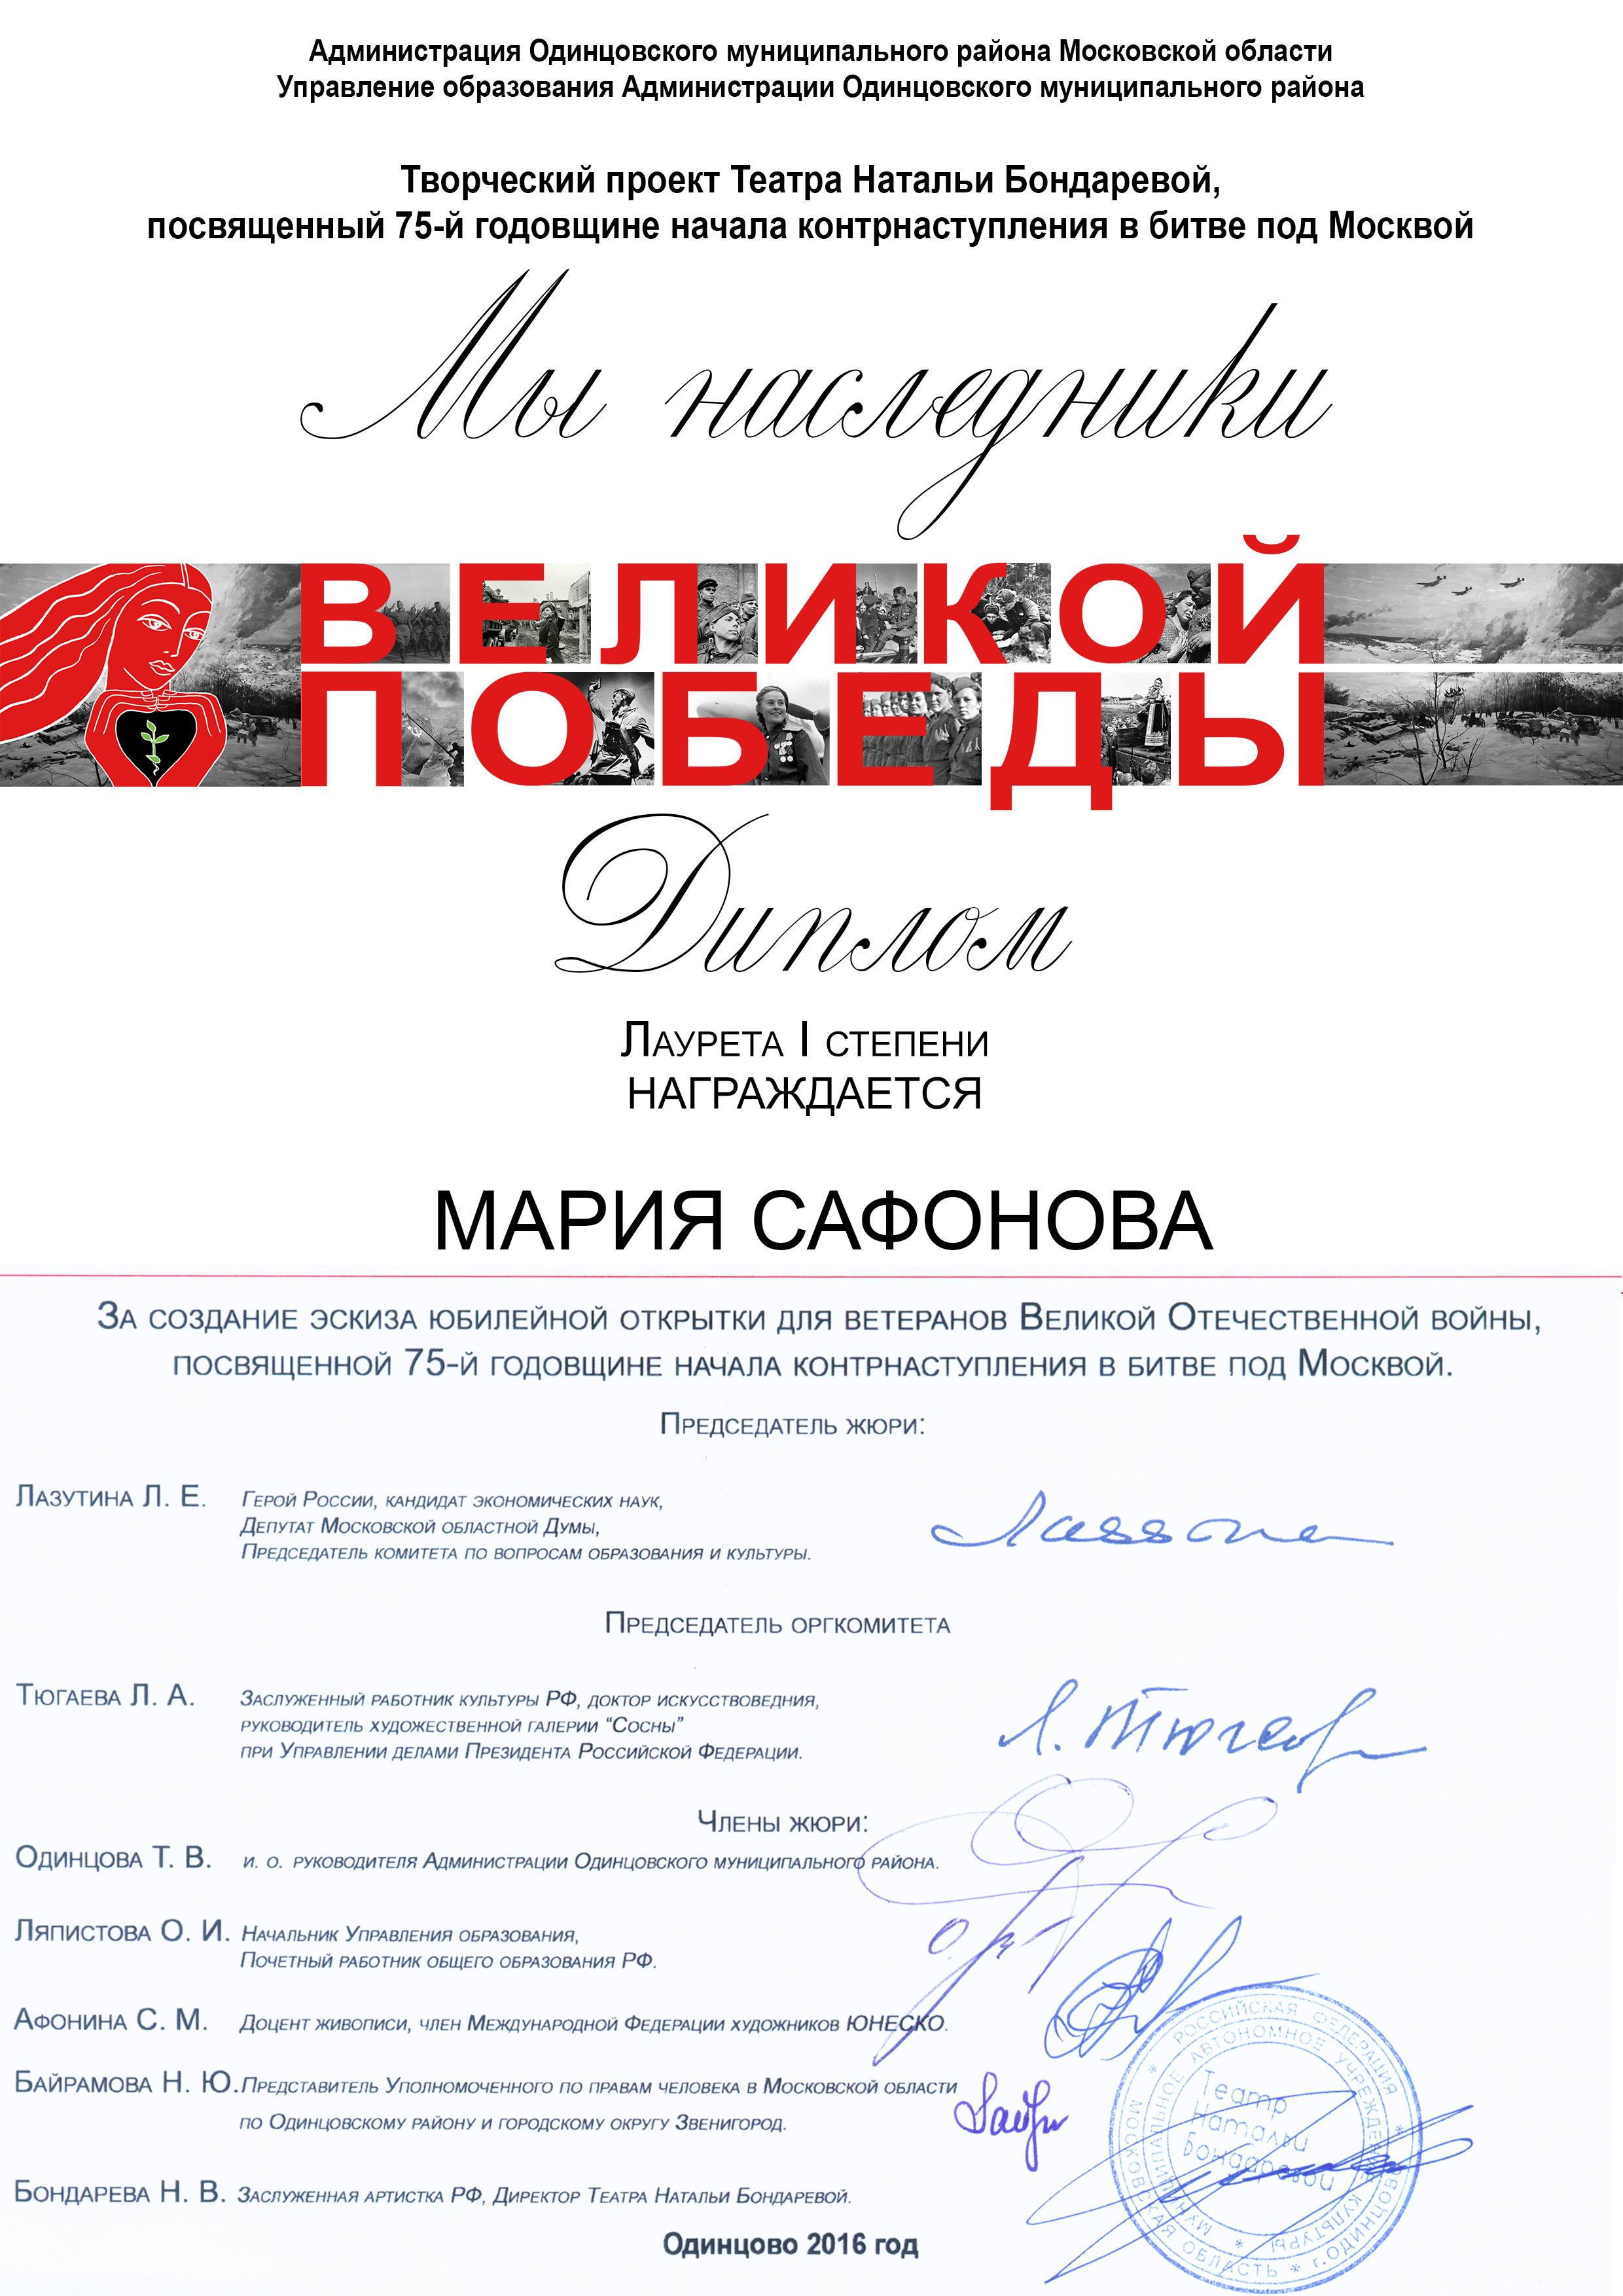 Мария Сафонова